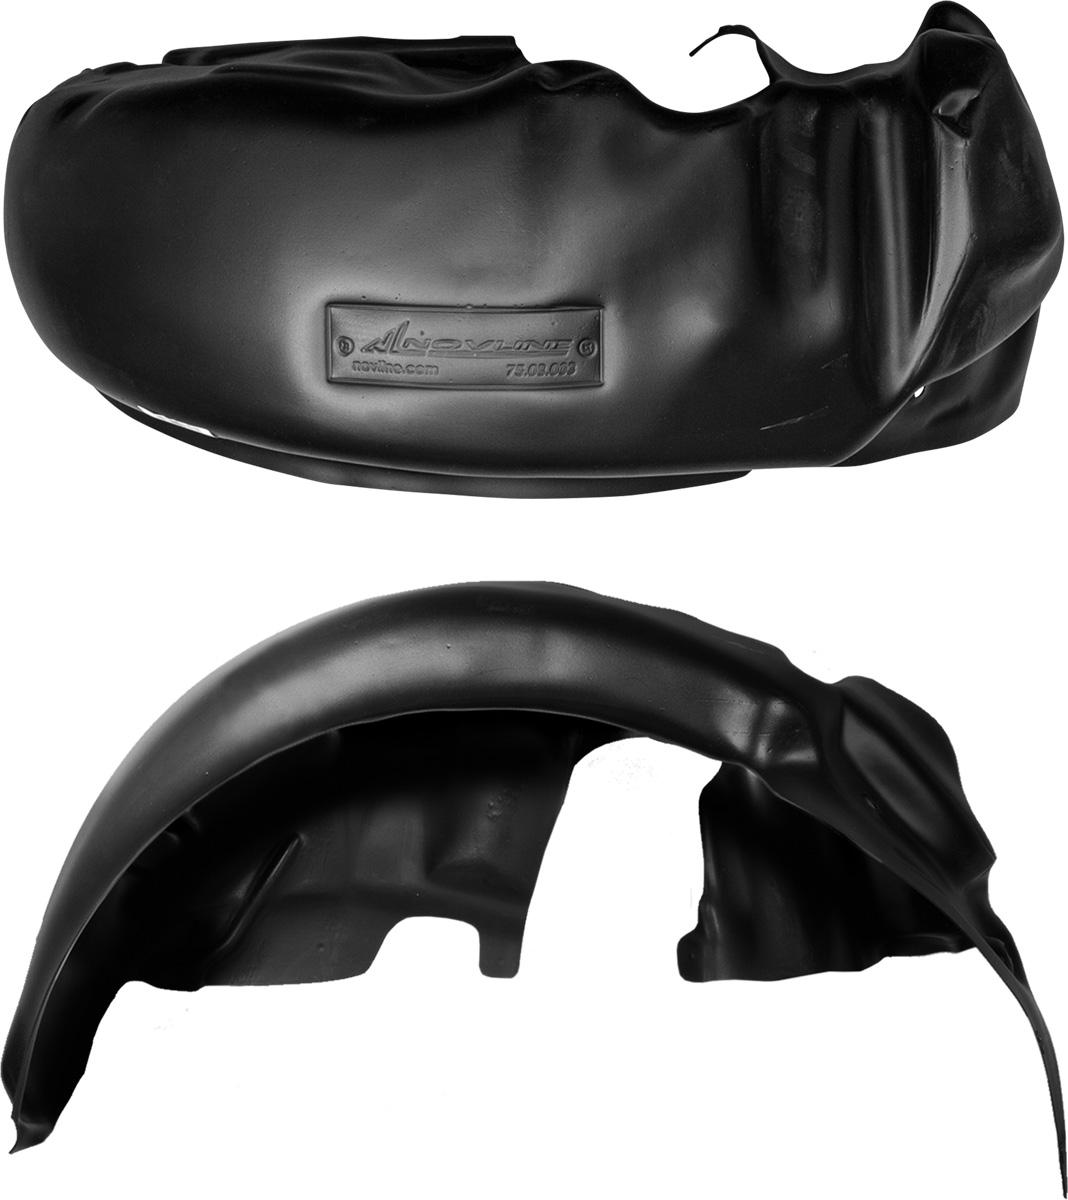 Подкрылок Novline-Autofamily, для Great Wall Hover H3, 2010->, передний левыйNLL.59.09.001Колесные ниши - одни из самых уязвимых зон днища вашего автомобиля. Они постоянно подвергаются воздействию со стороны дороги. Лучшая, почти абсолютная защита для них - специально отформованные пластиковые кожухи, которые называются подкрылками. Производятся они как для отечественных моделей автомобилей, так и для иномарок. Подкрылки Novline-Autofamily выполнены из высококачественного, экологически чистого пластика. Обеспечивают надежную защиту кузова автомобиля от пескоструйного эффекта и негативного влияния, агрессивных антигололедных реагентов. Пластик обладает более низкой теплопроводностью, чем металл, поэтому в зимний период эксплуатации использование пластиковых подкрылков позволяет лучше защитить колесные ниши от налипания снега и образования наледи. Оригинальность конструкции подчеркивает элегантность автомобиля, бережно защищает нанесенное на днище кузова антикоррозийное покрытие и позволяет осуществить крепление подкрылков внутри колесной арки практически без...